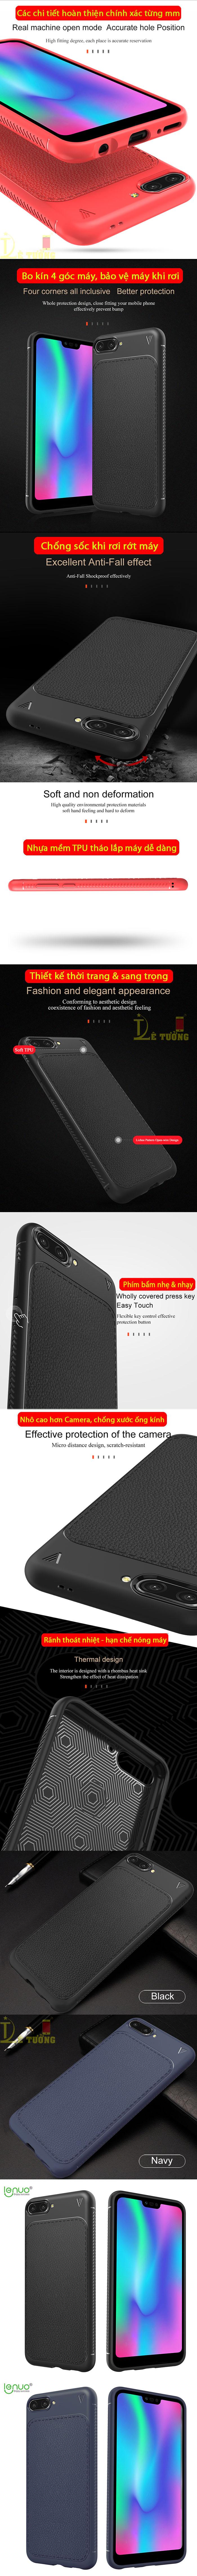 Ốp lưng Huawei Honor 10 Leshen Serie vân da sang trọng - chống vân tay 1